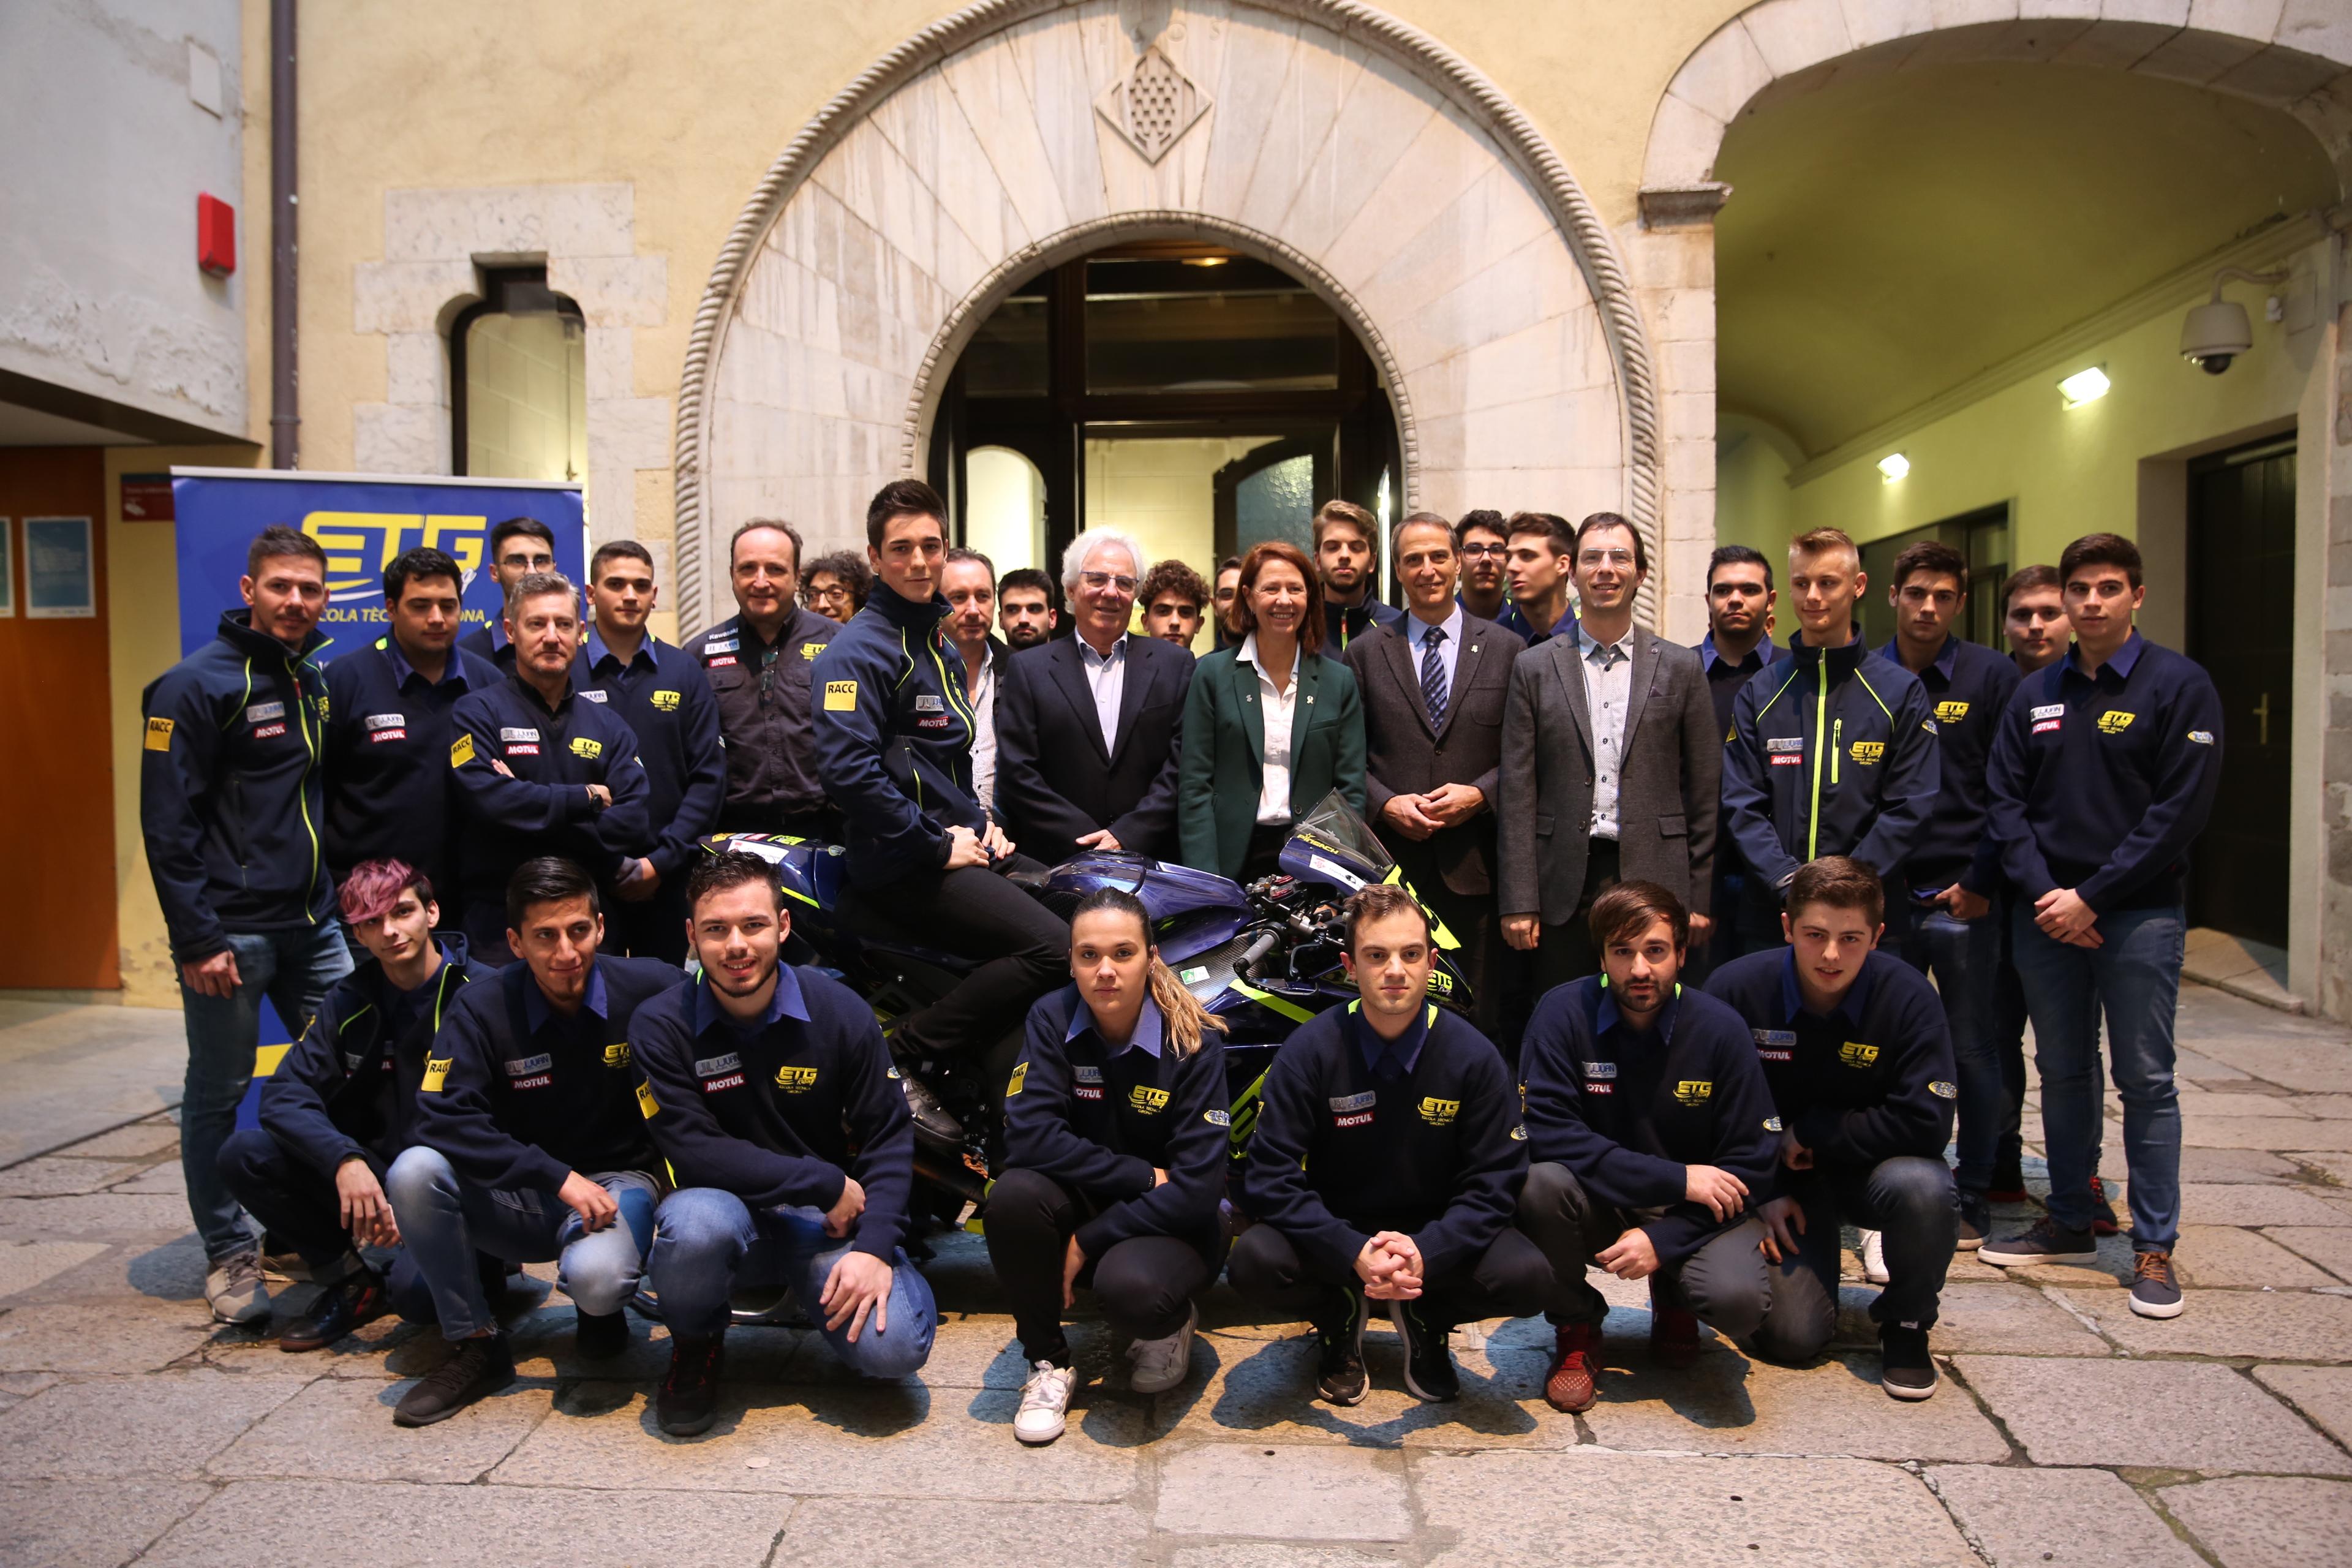 L'Ajuntament de Girona reconeix el mèrit esportiu del pilot Xavi Pinsach i de l'equip ETG Racing